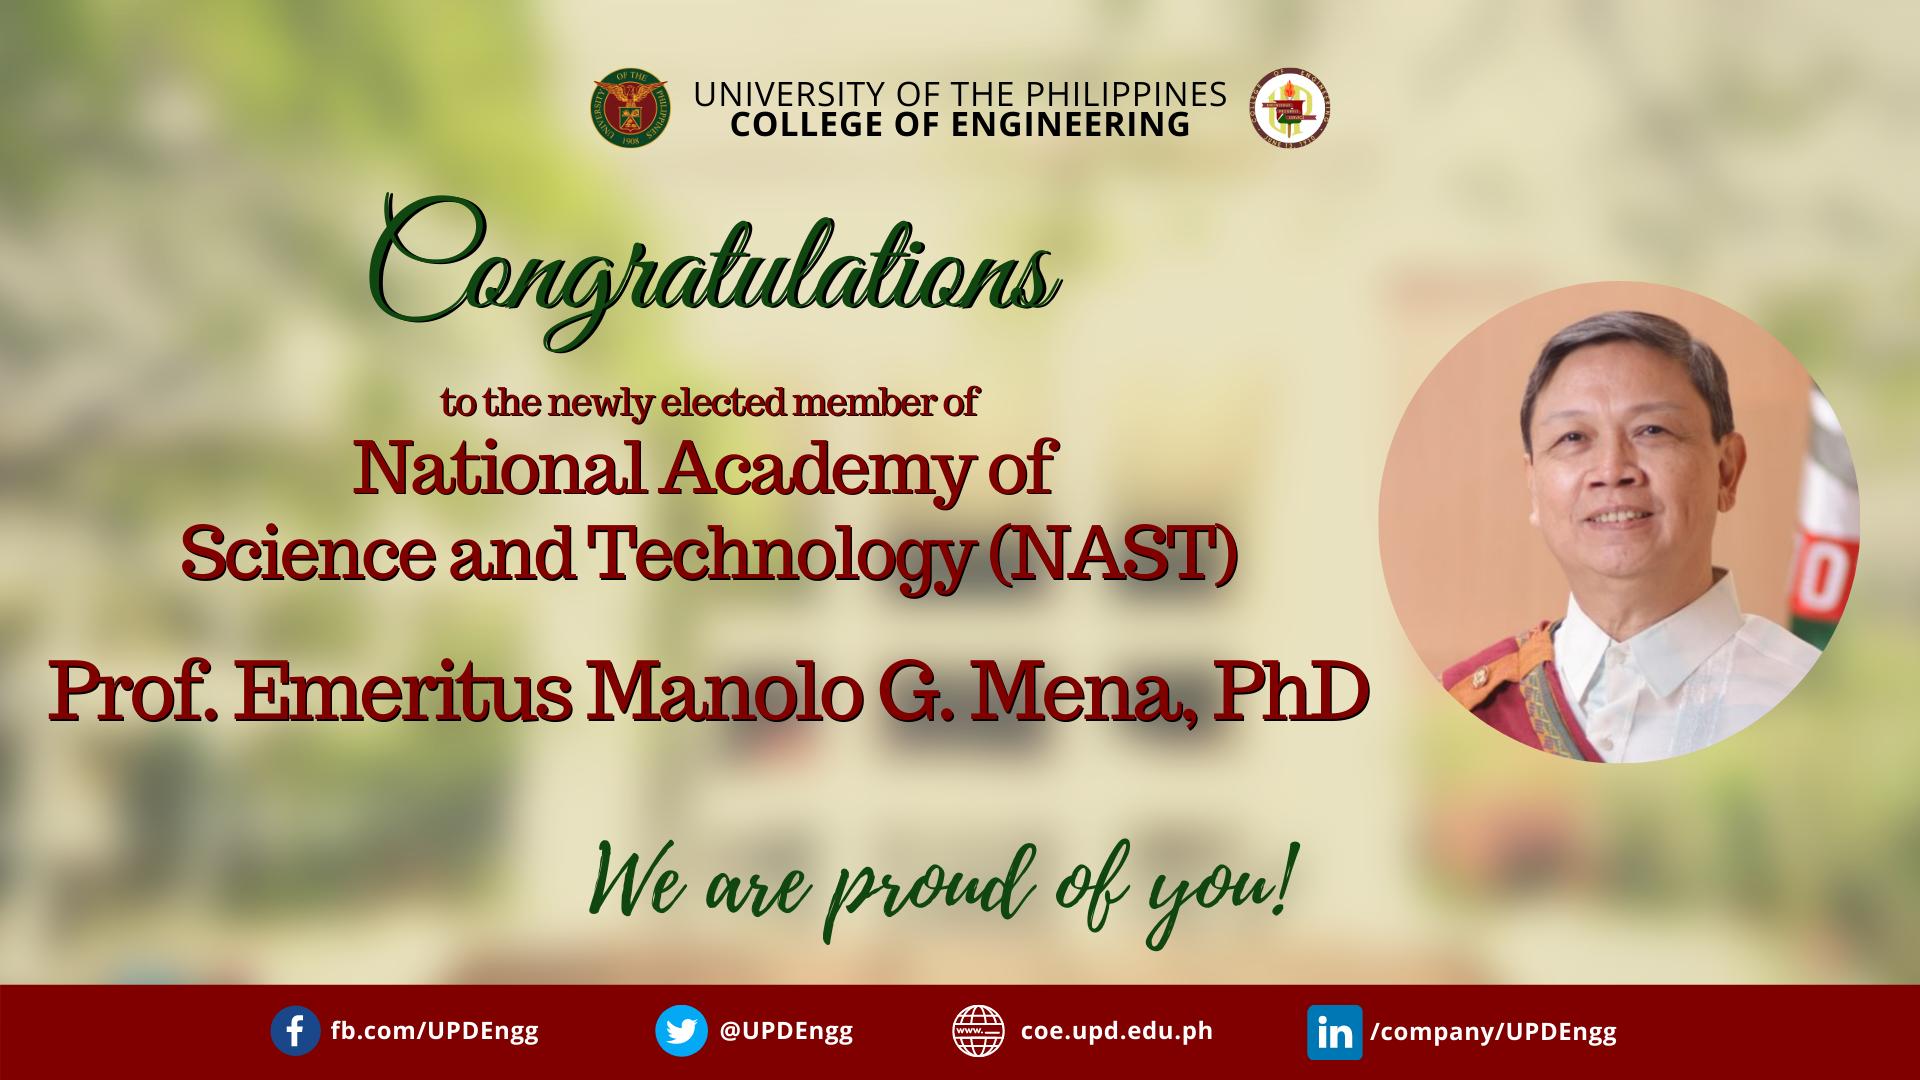 Newly elected NAST member Prof. Emeritus Mena